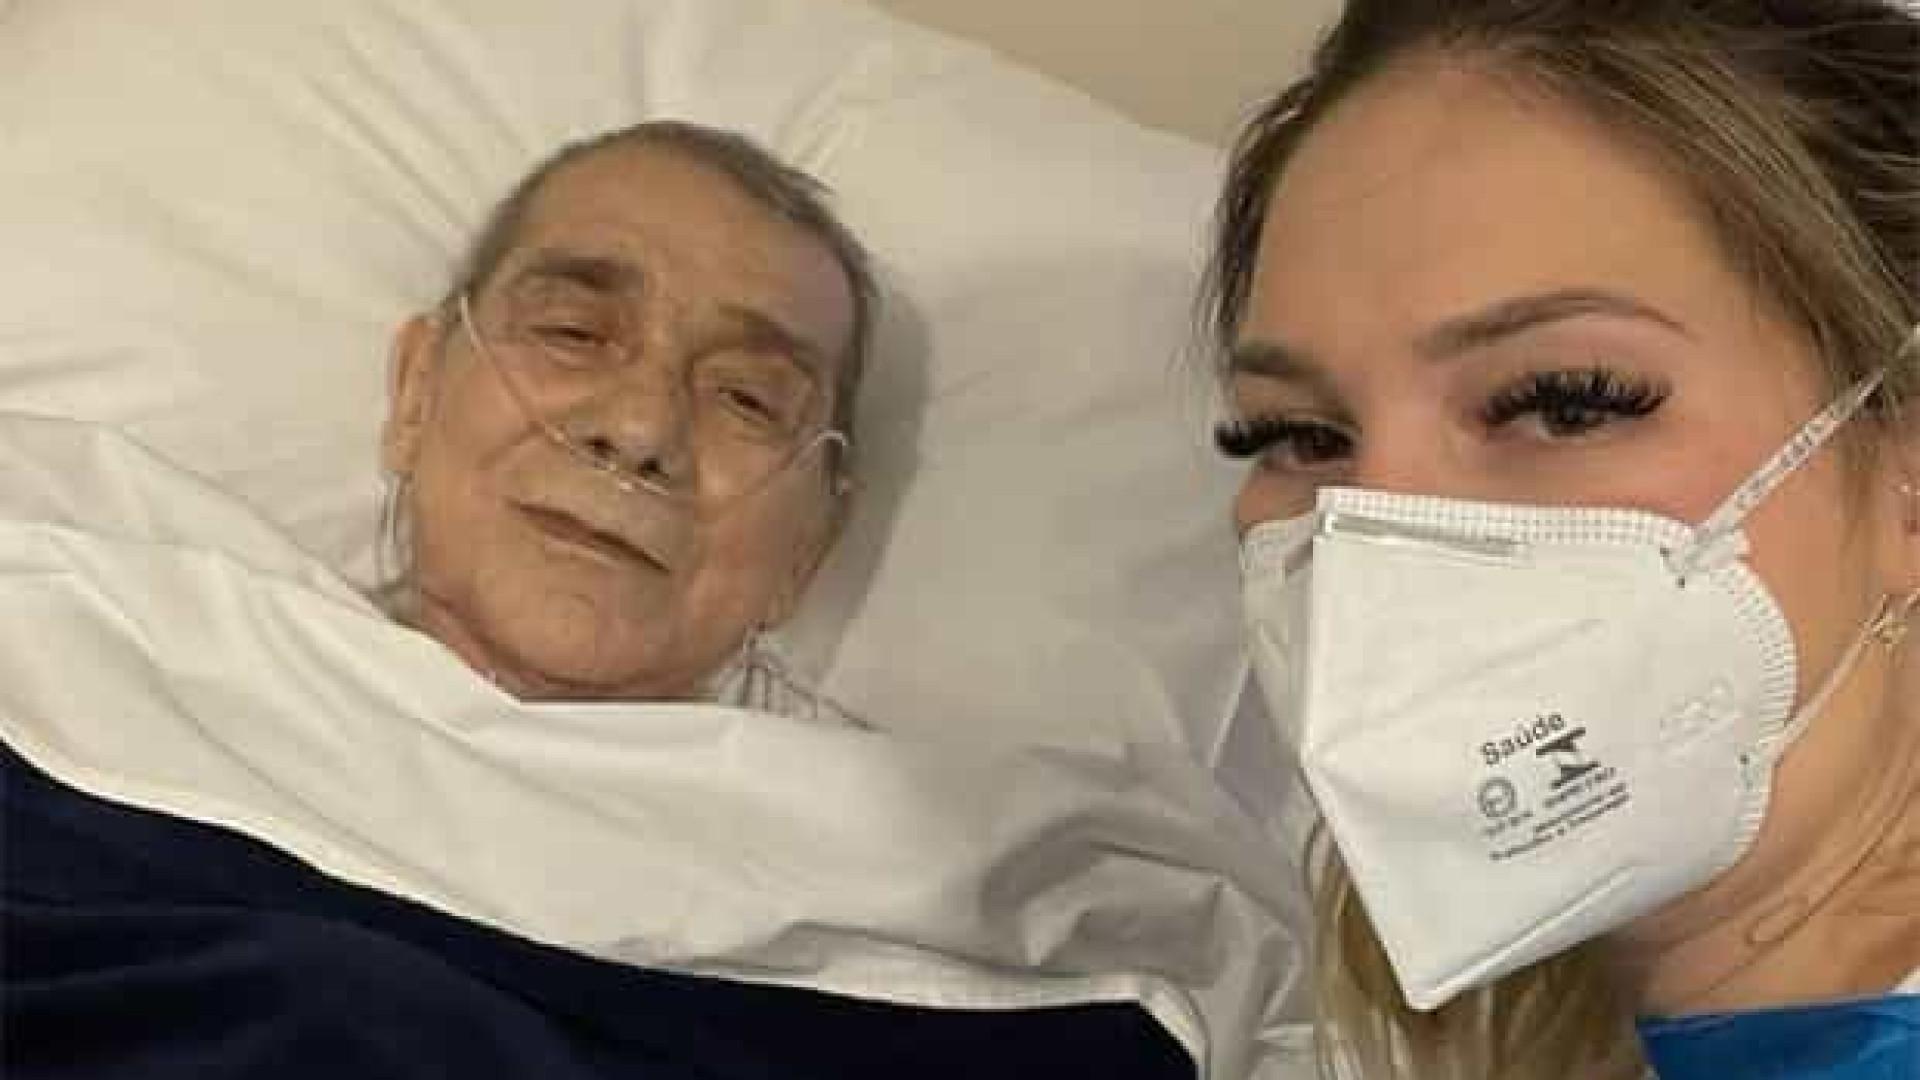 Pai de Virgínia Fonseca morre aos 72 anos: 'Vou amá-lo para sempre'